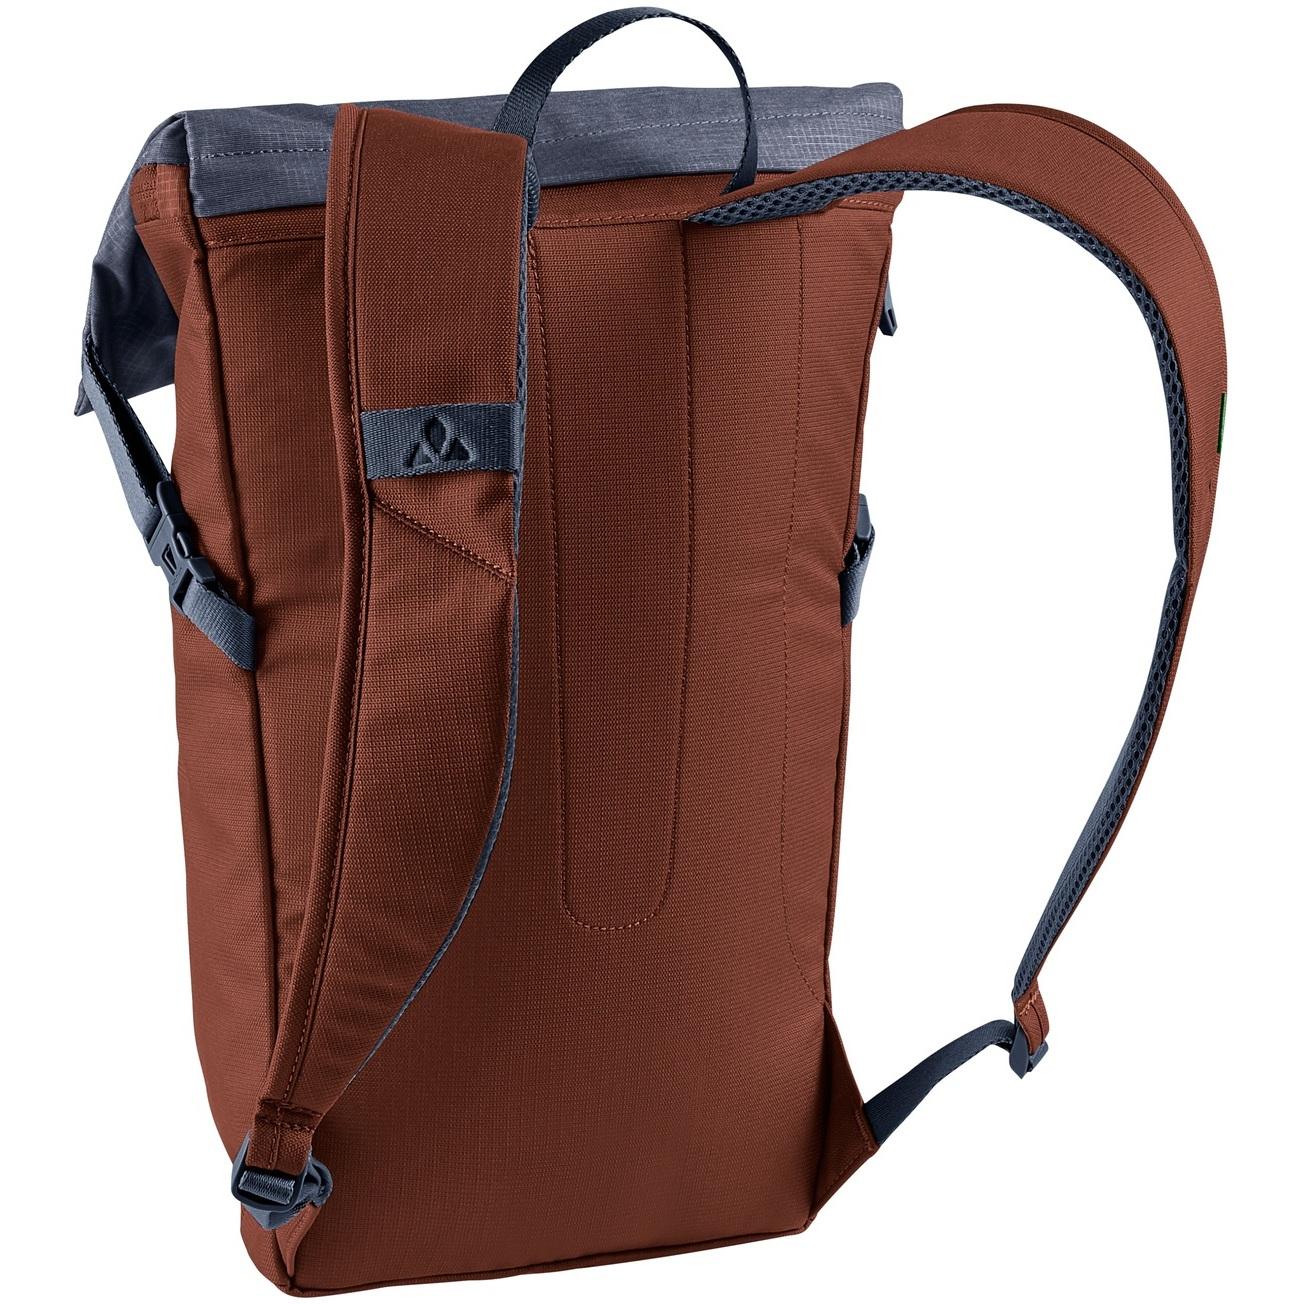 Image of Vaude Unuk Backpack - chocolate